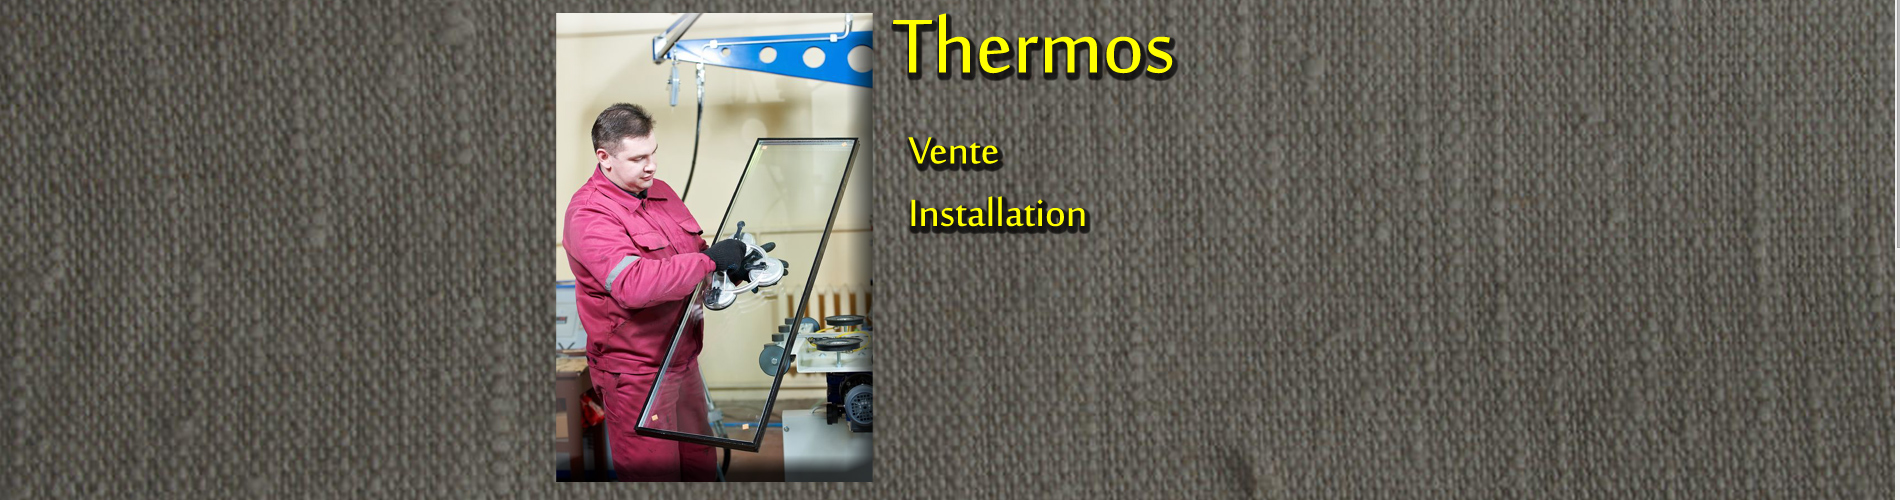 thermos2.jpg